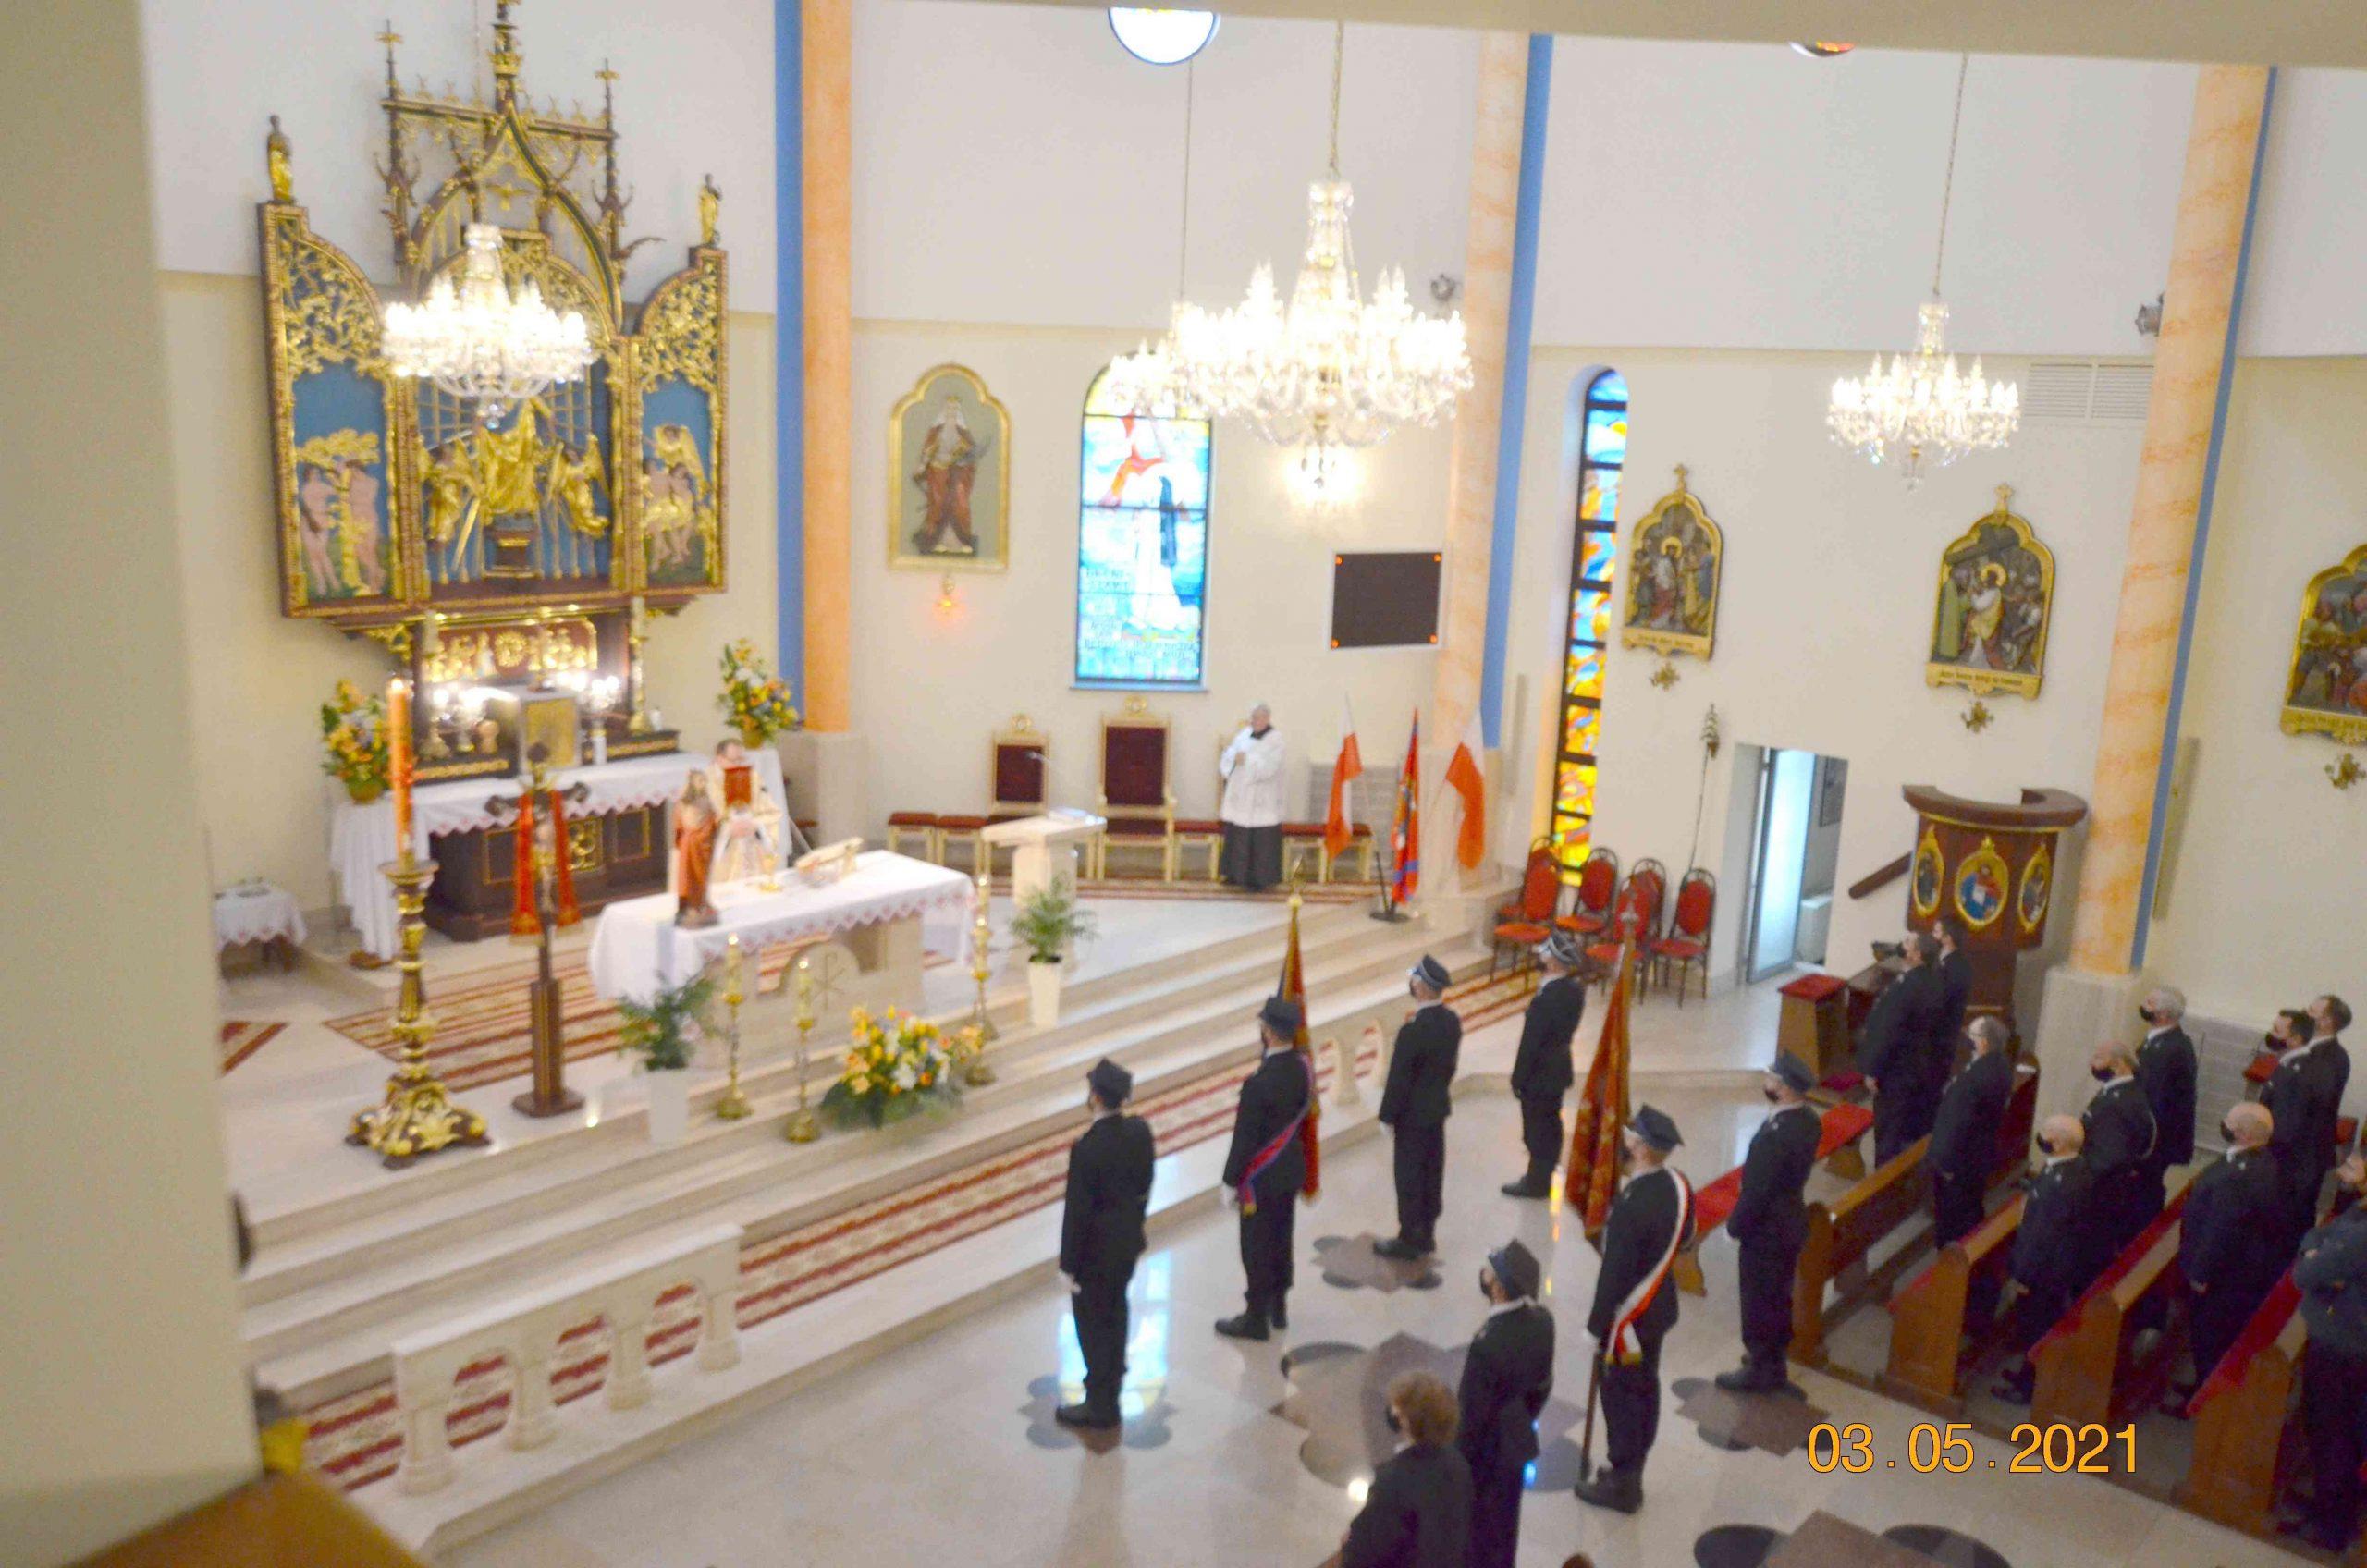 Strażacy biorą udział we mszy św.